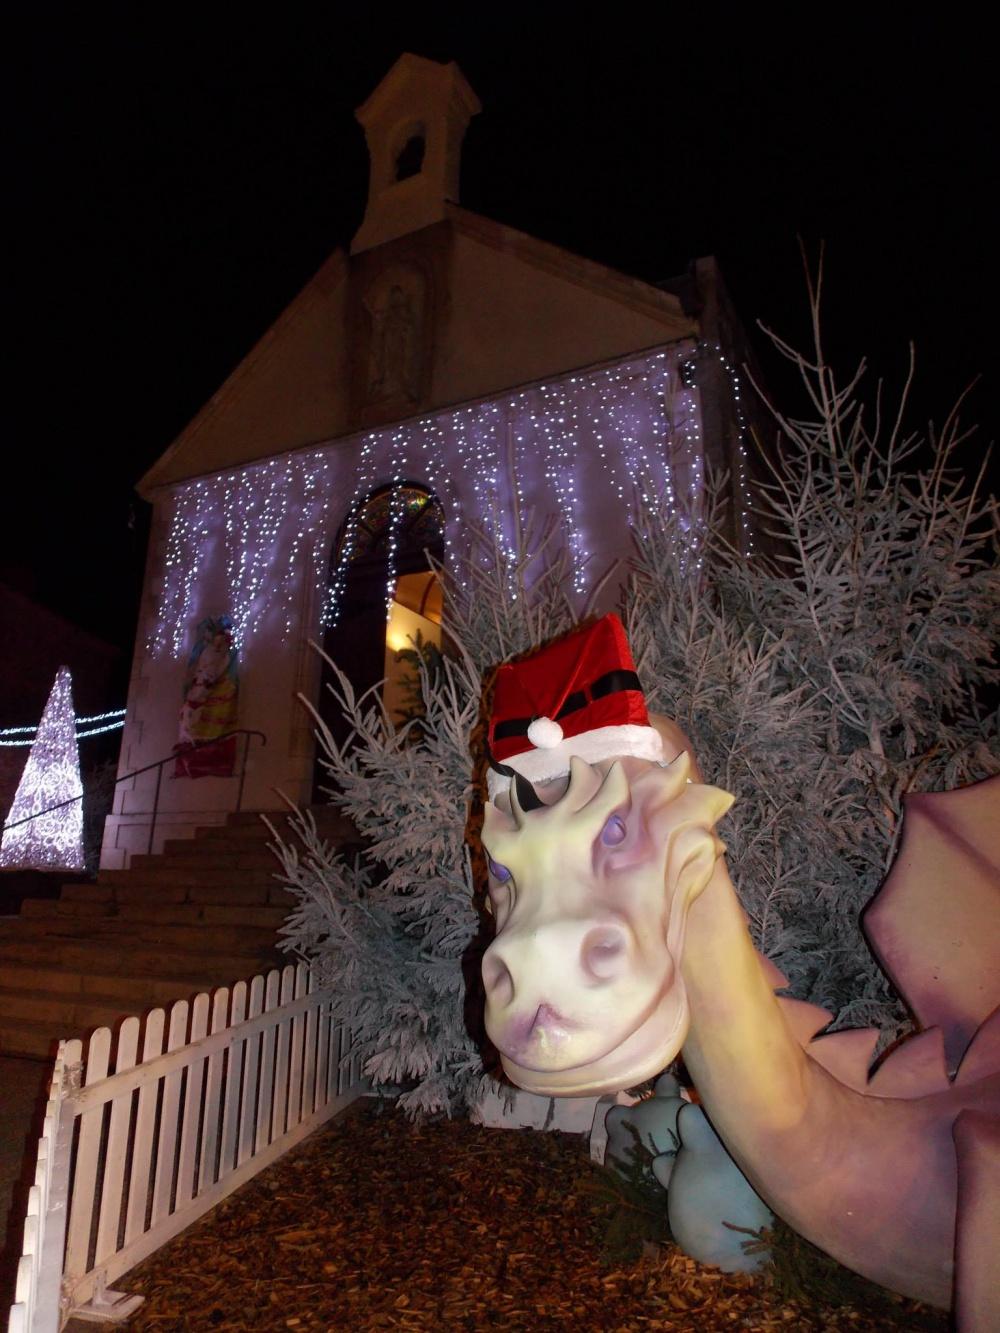 Un Noël féérique à Pornic avec Smaug en Guest Star